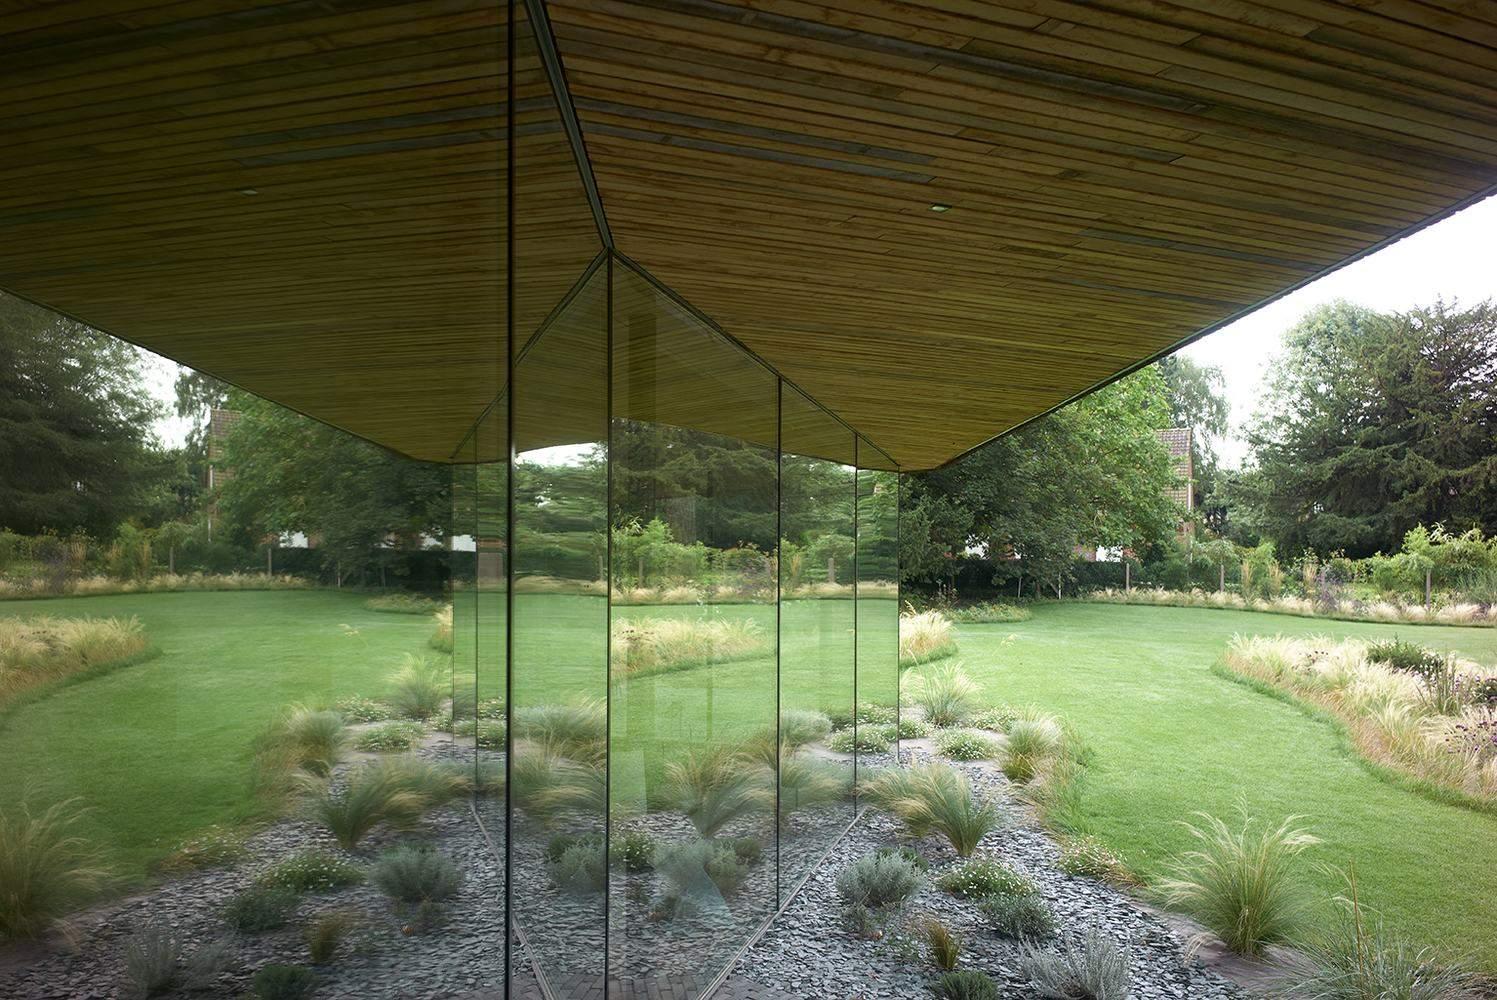 Скляні панелі відображають природне середовище / Фото Archdaily